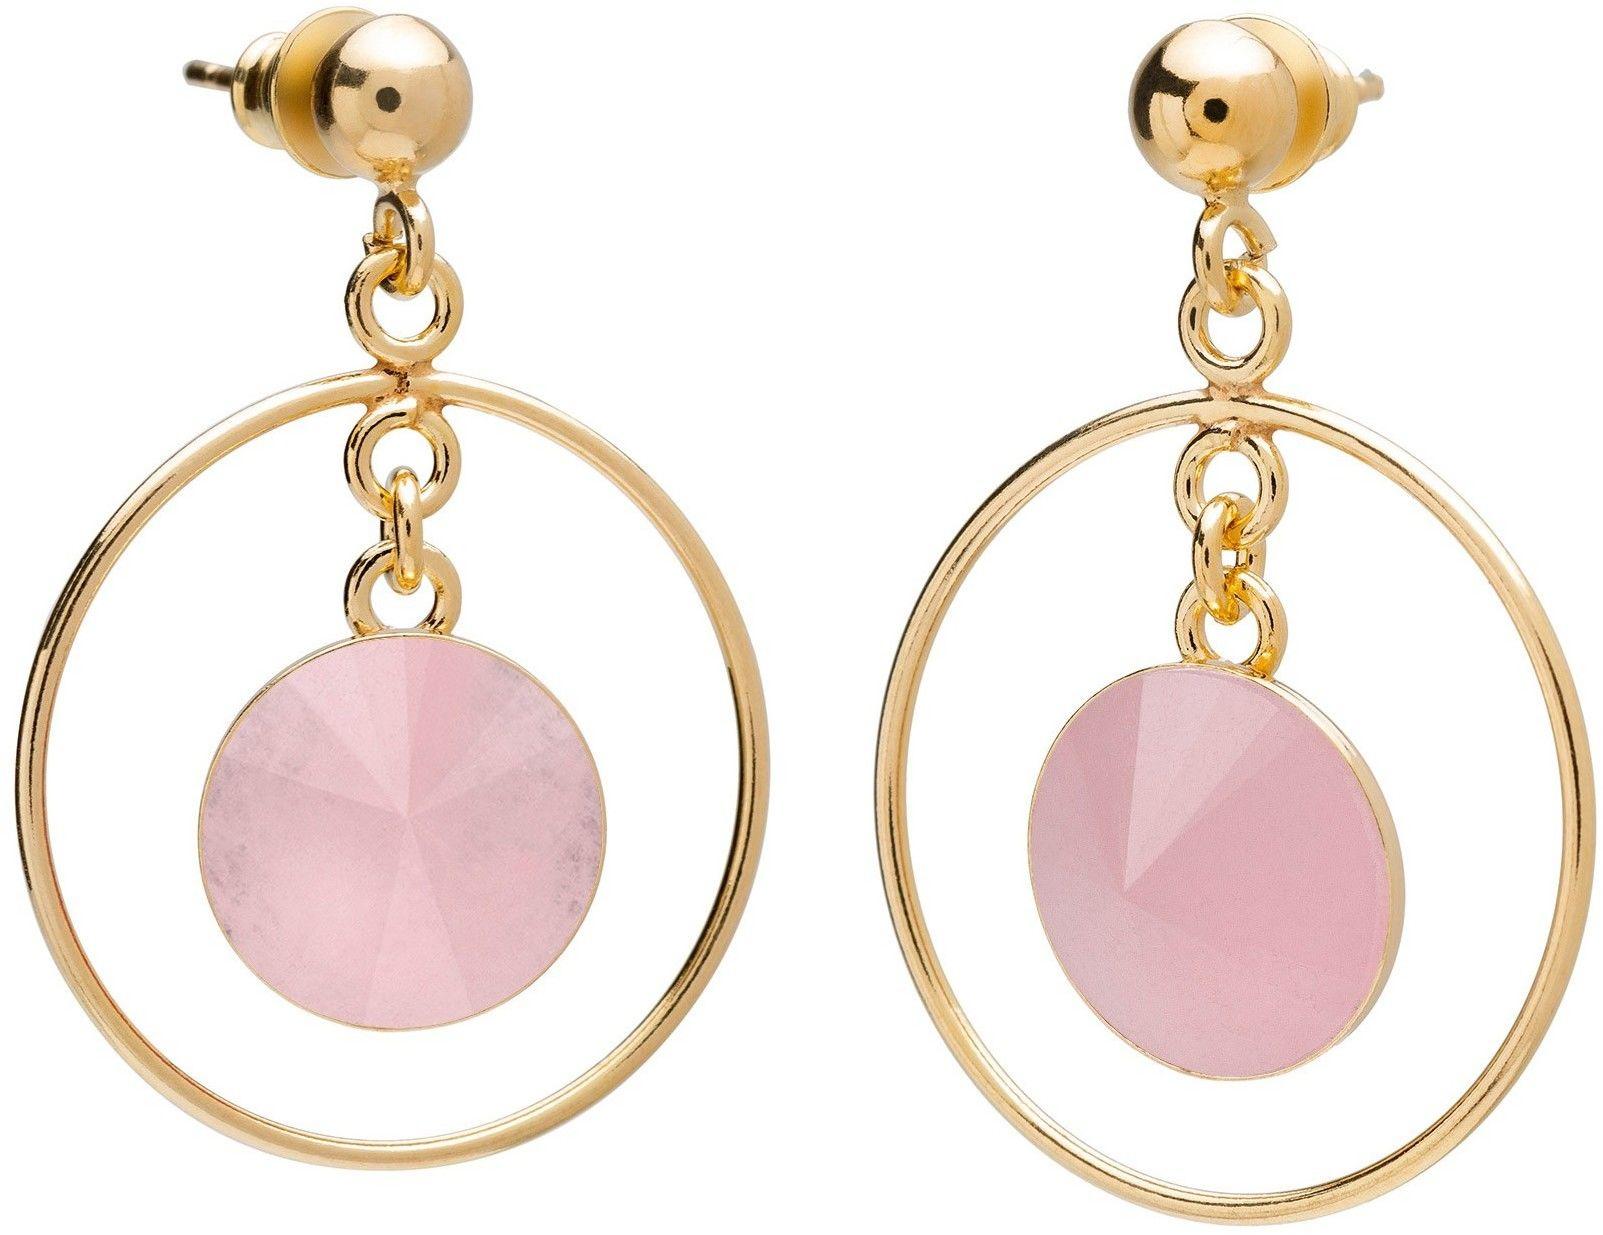 Okrągłe kolczyki z kwarcem, srebro 925 : Kamienie naturalne - kolor - kwarc różowy, Srebro - kolor pokrycia - Pokrycie żółtym 18K złotem